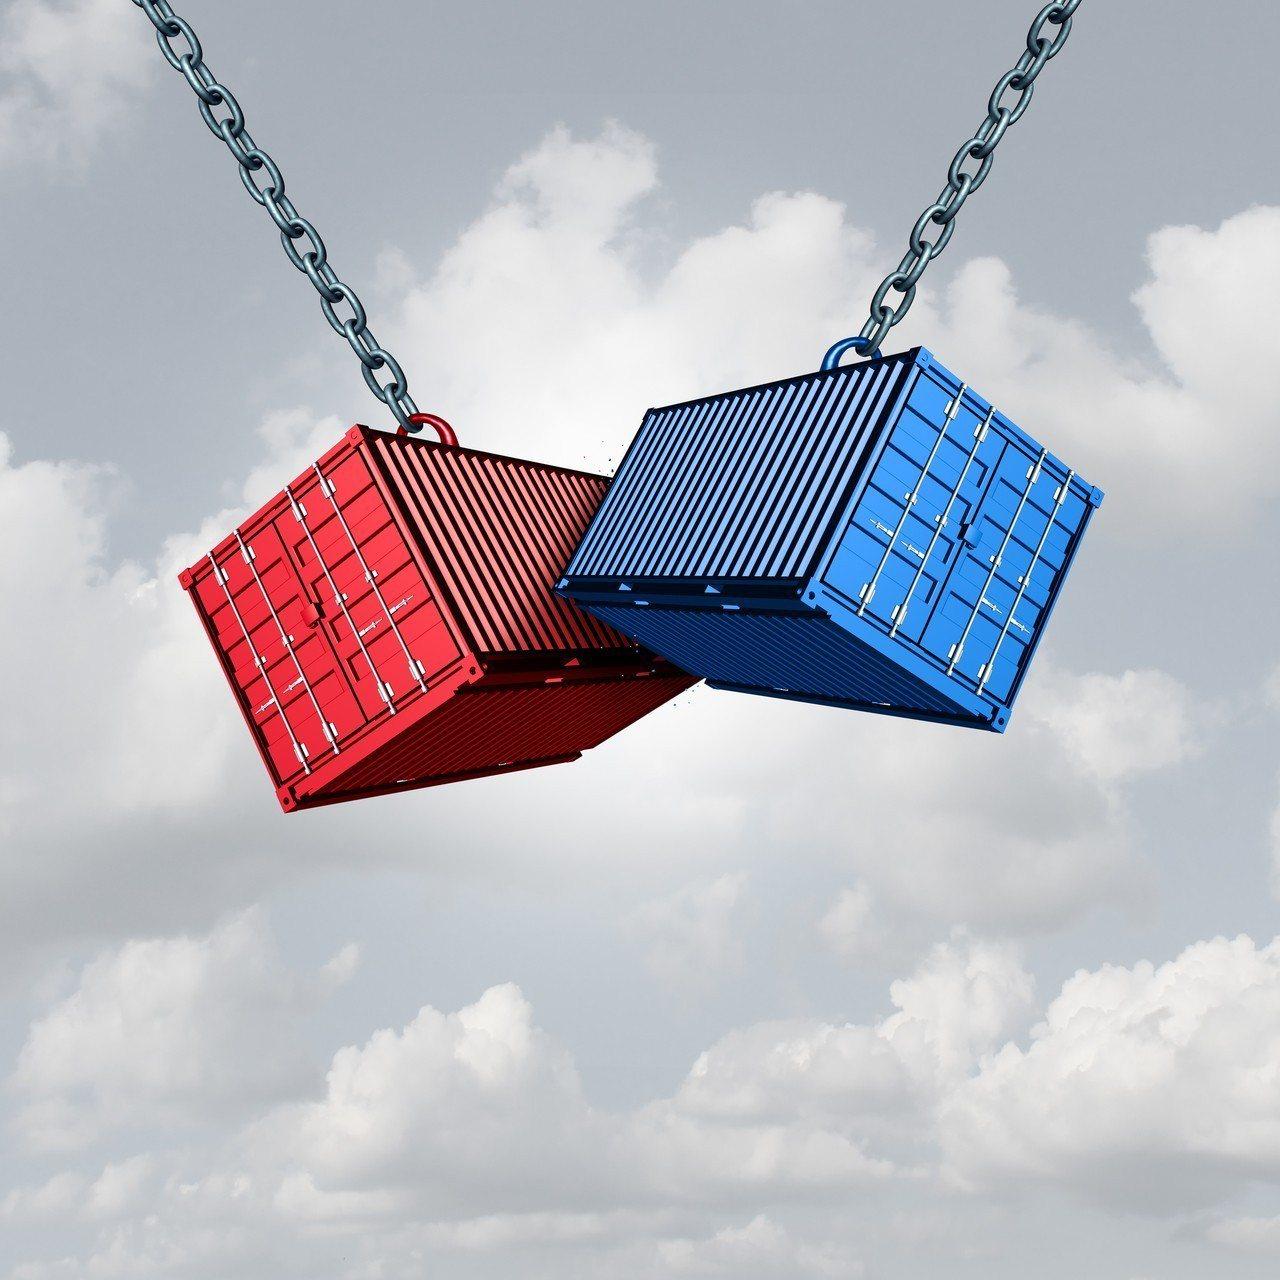 美國和中國身陷貿易戰。 圖/Ingimage